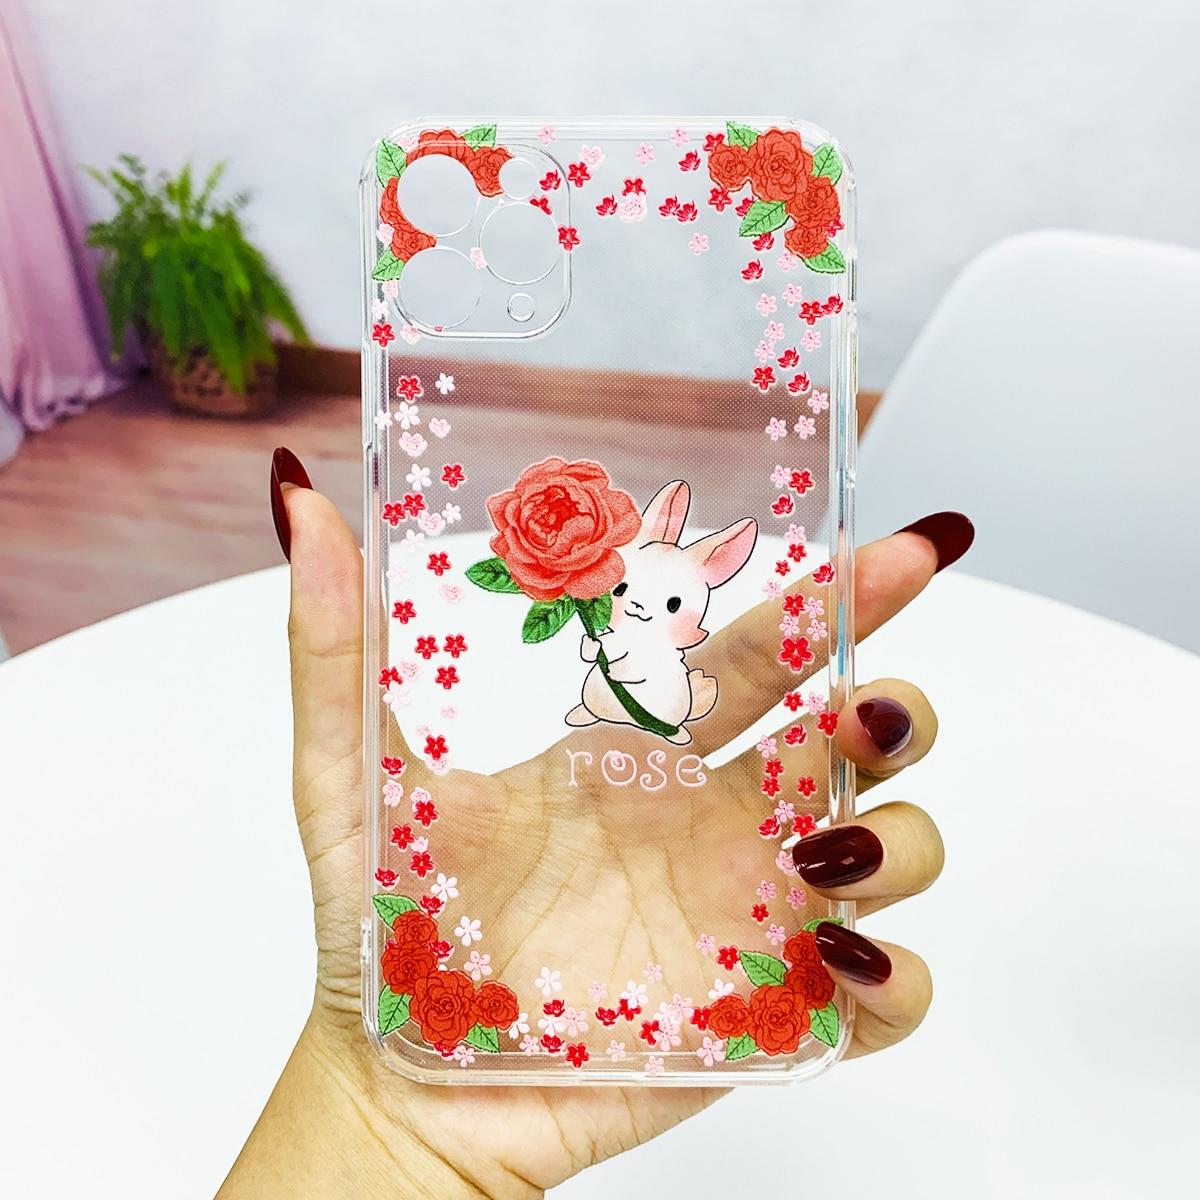 Прозрачный чехол для телефона роза рисунок